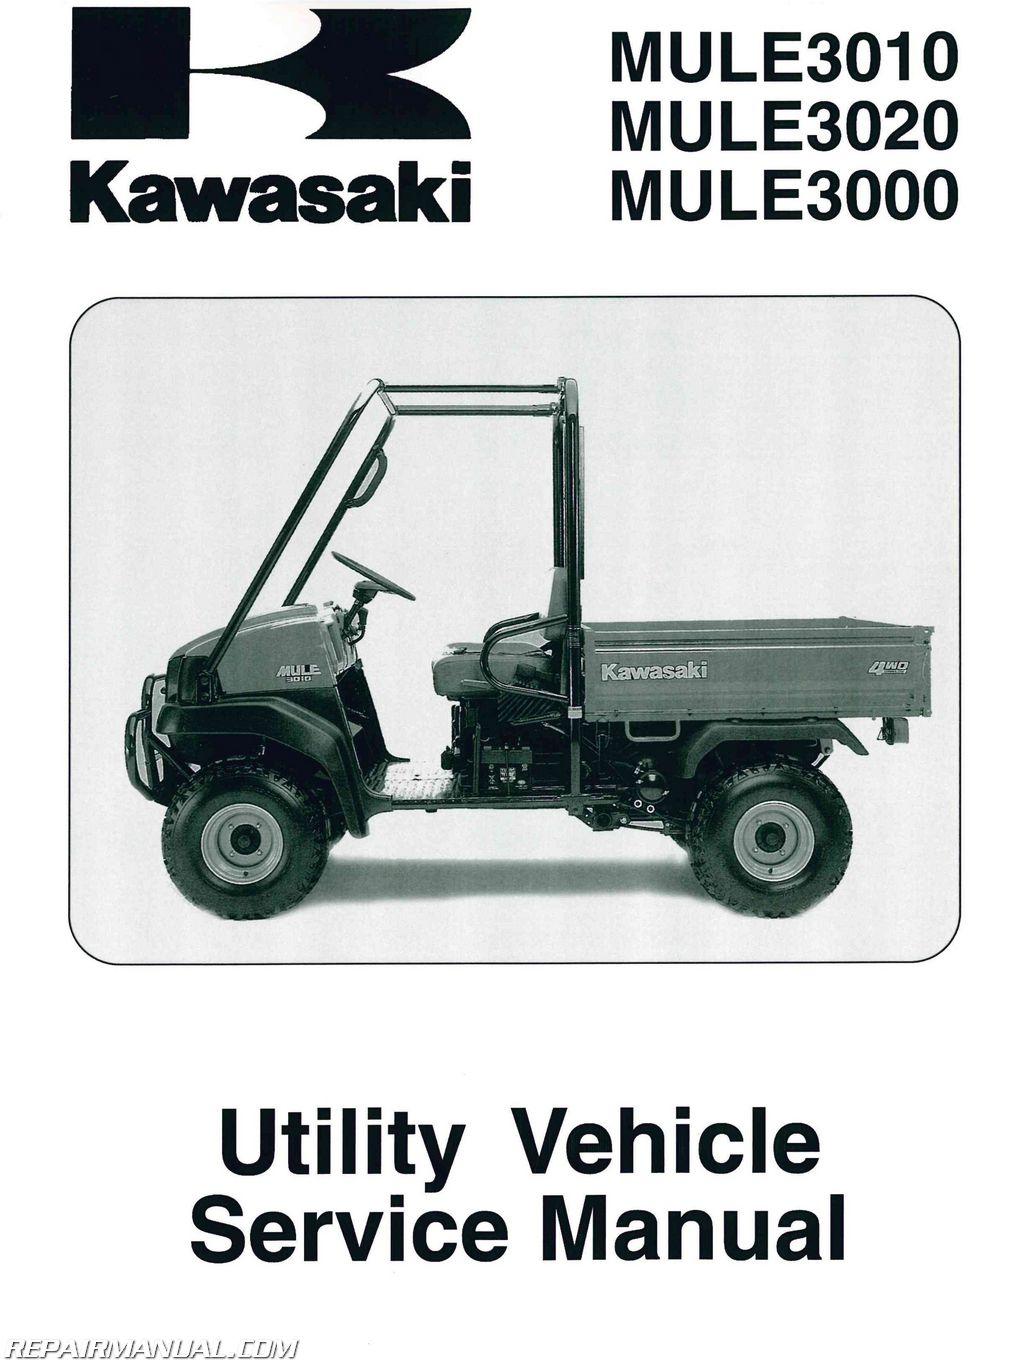 2001 2008 kawasaki kaf620 mule 3000 3010 3020 service manual rh repairmanual com